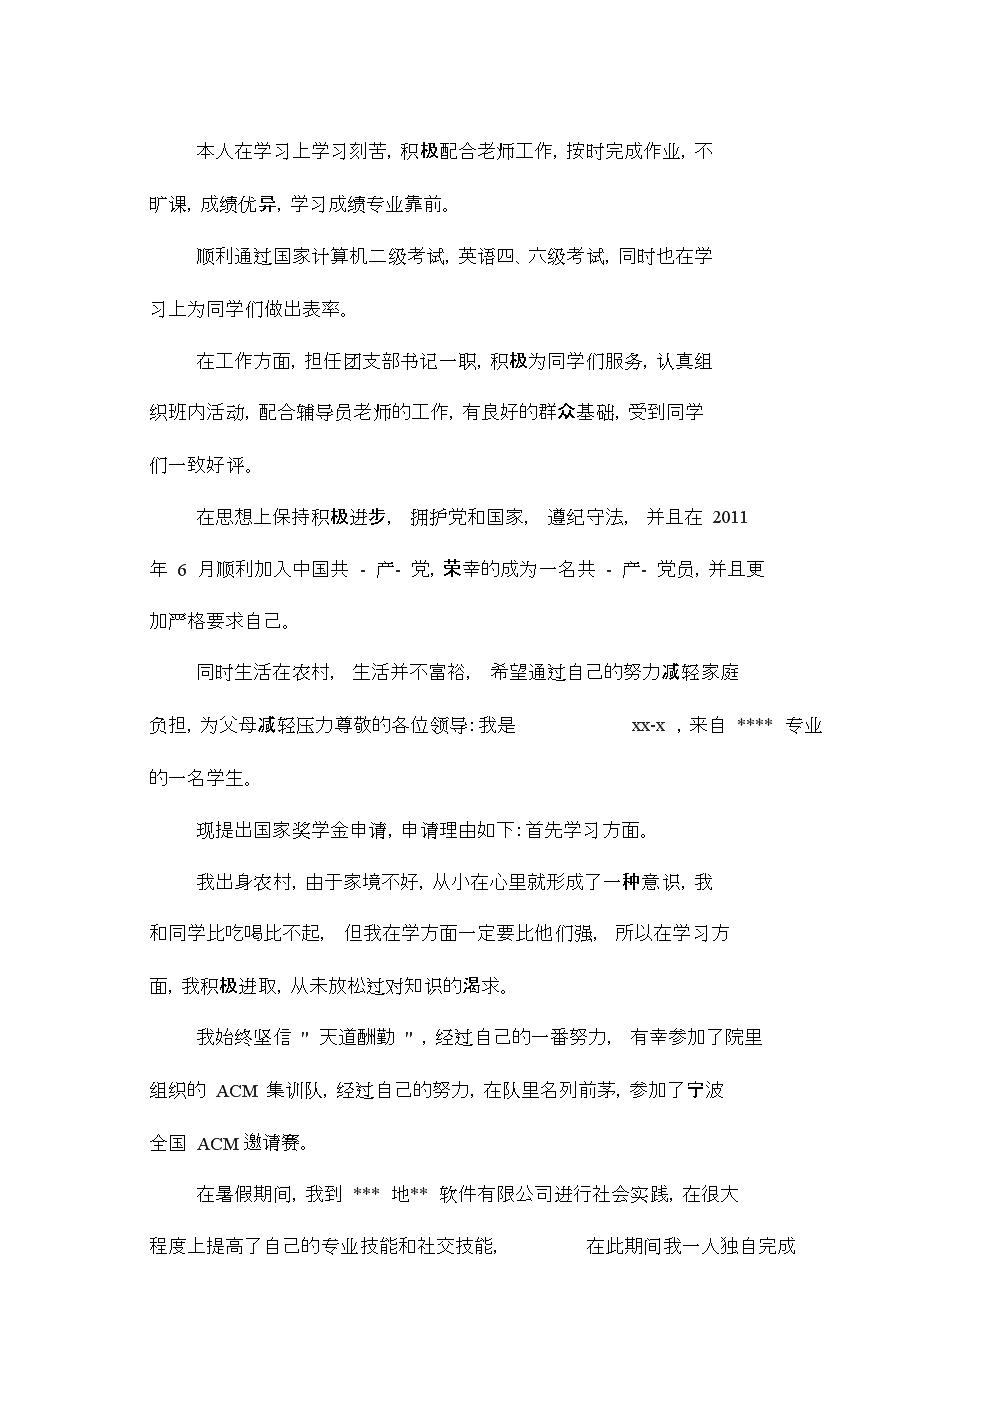 奖学金学金申请理由文档.docx